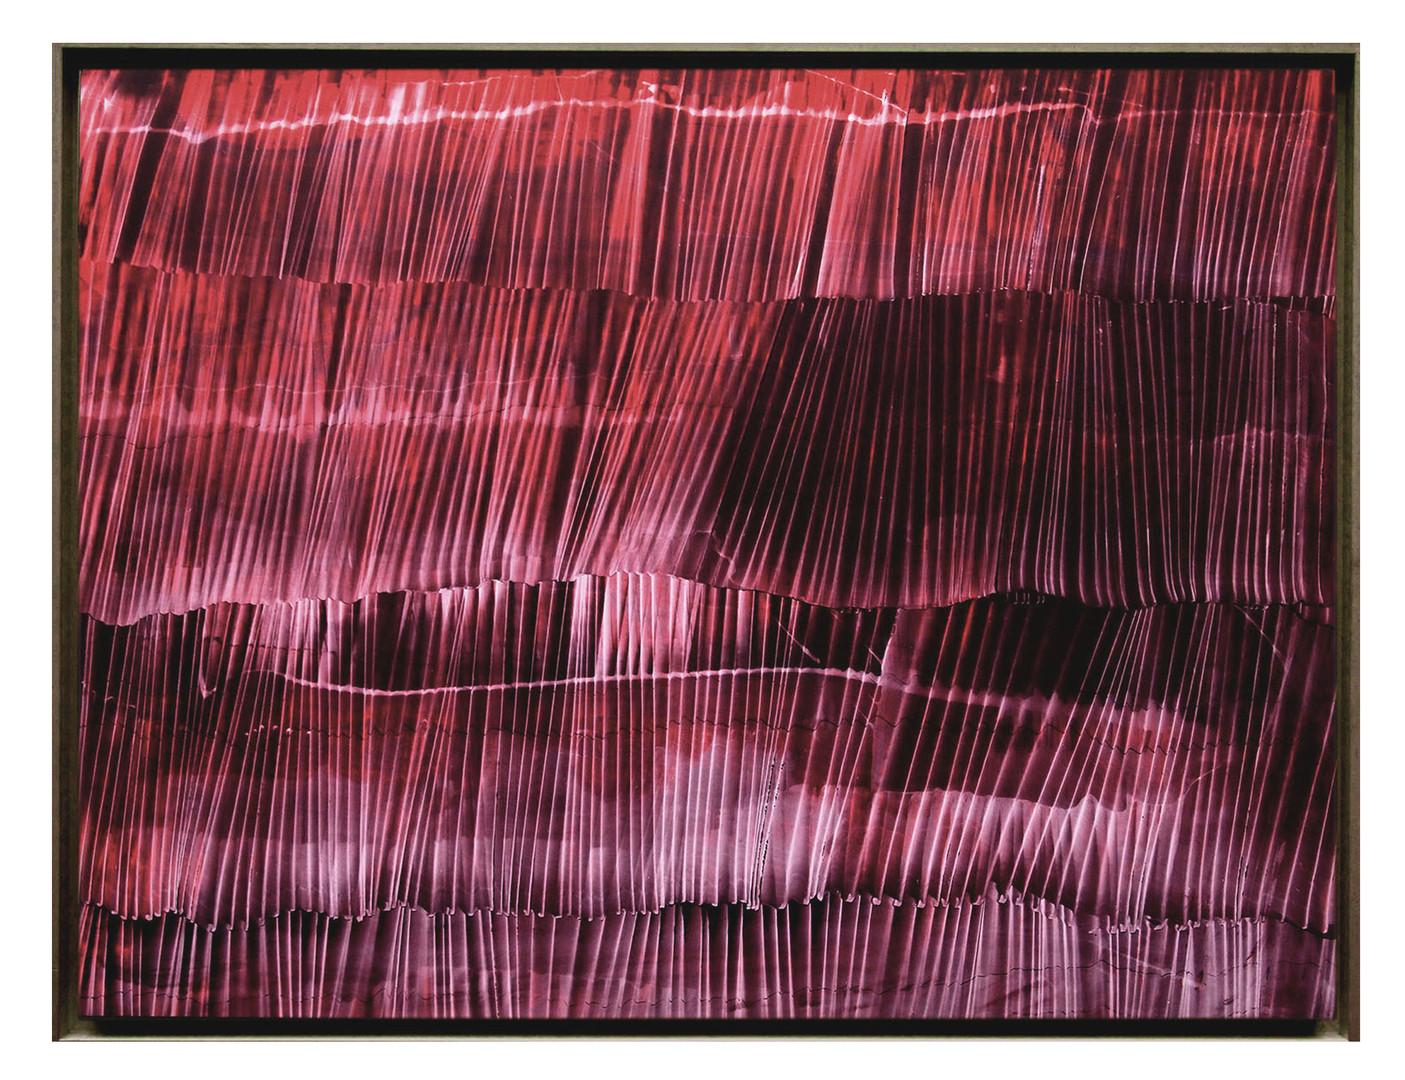 cqfd01. Format: 130 x 97 cm - Peinture laque  - TTSCPA